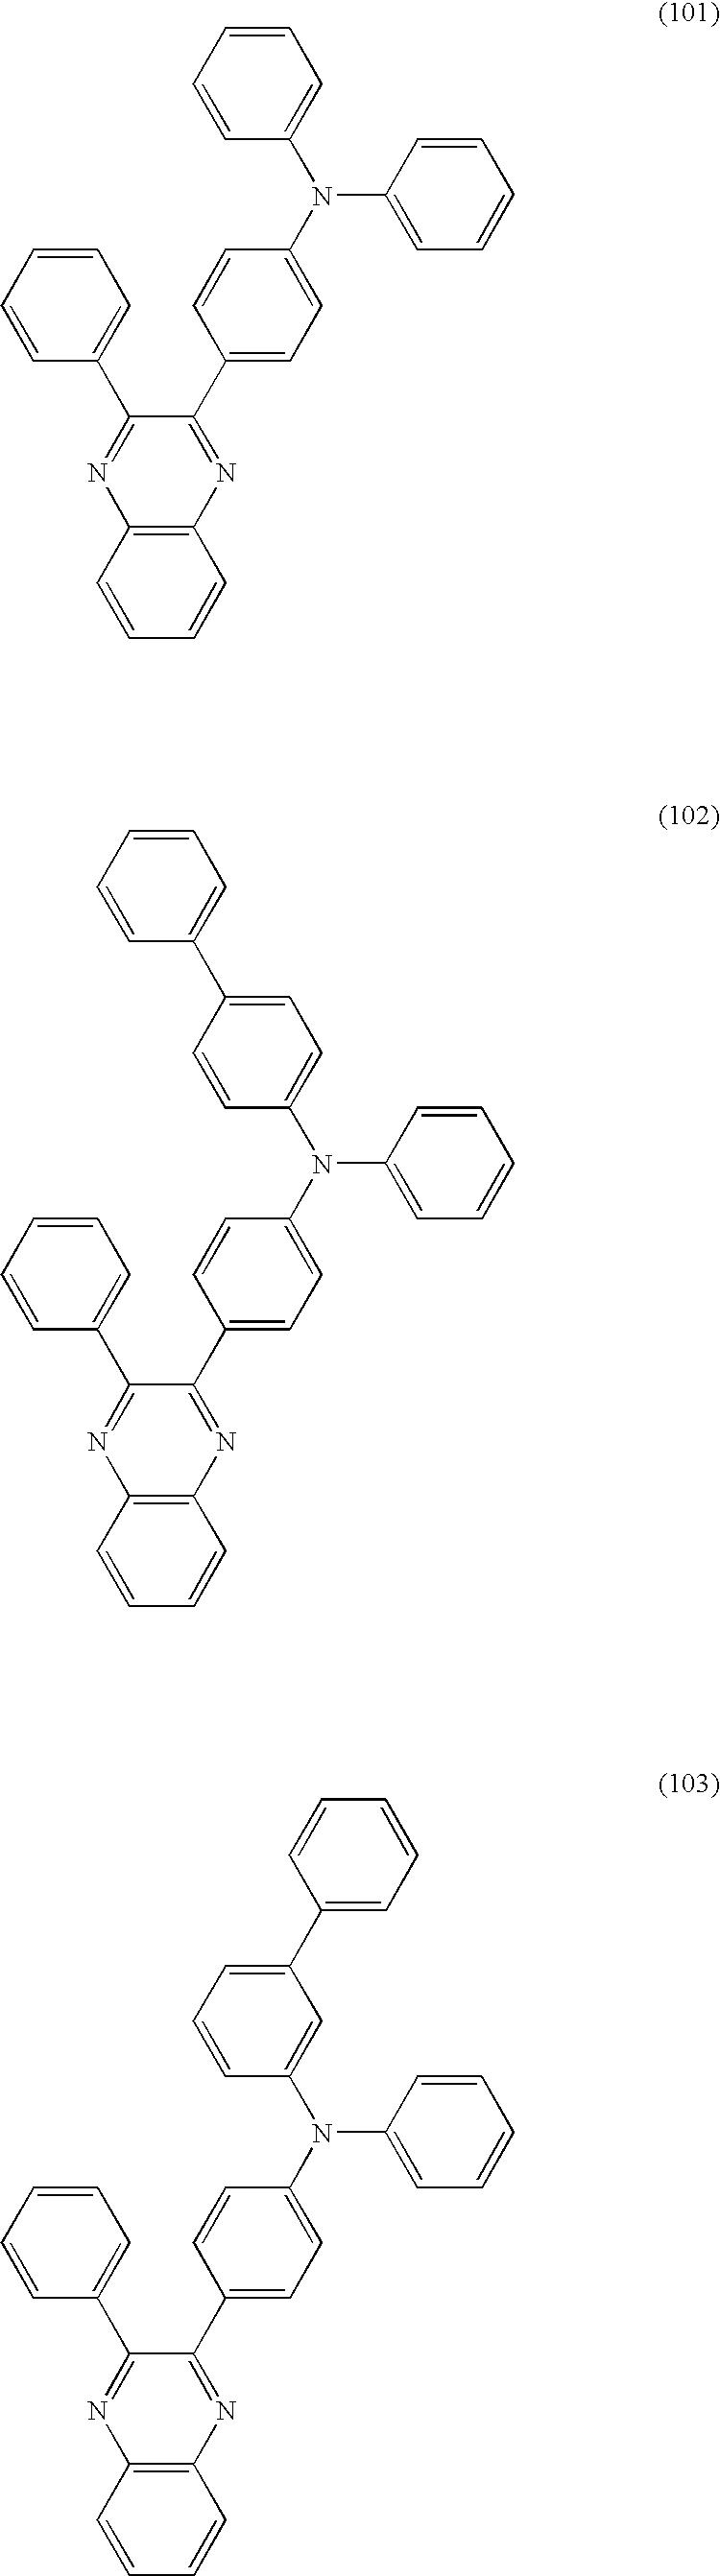 Figure US08178216-20120515-C00036